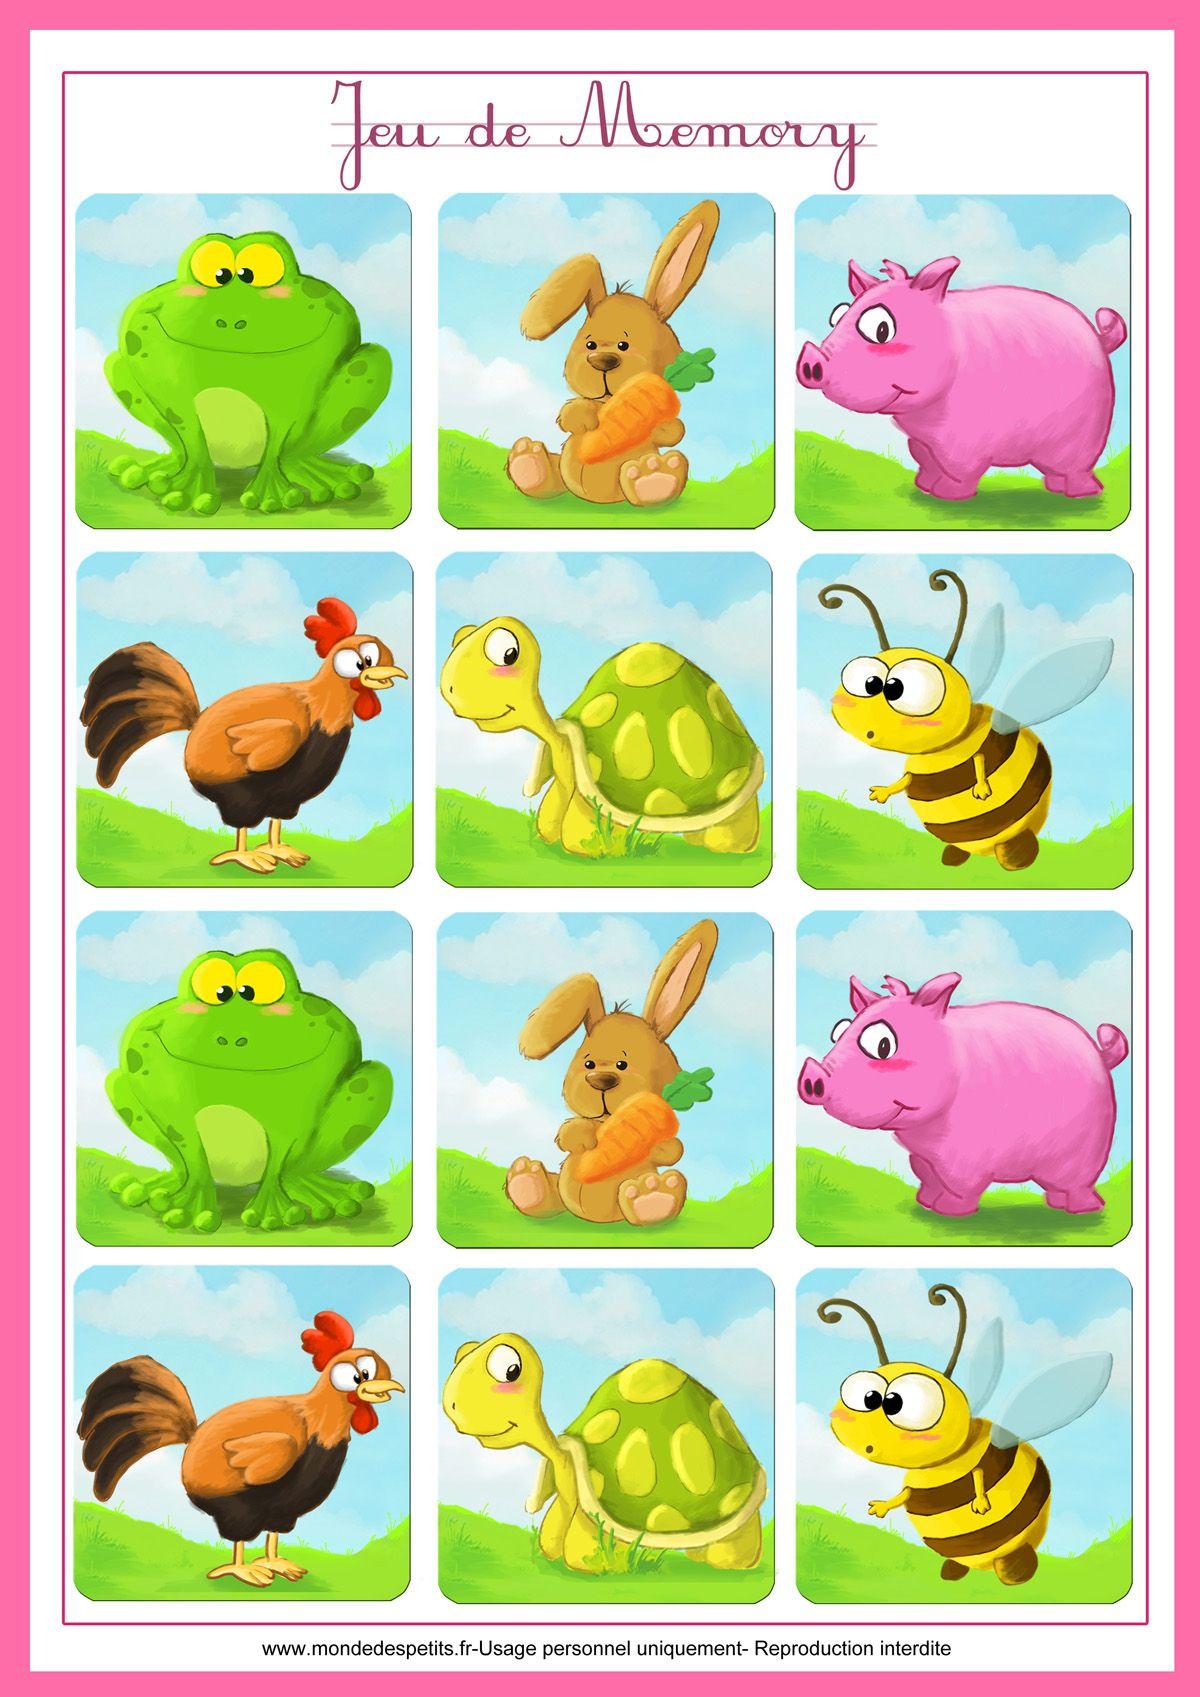 Jeu-Memory-Animaux-Imprimer 1 200×1 697 Пикс | Jeu De serapportantà Jeux De Memory Pour Enfants